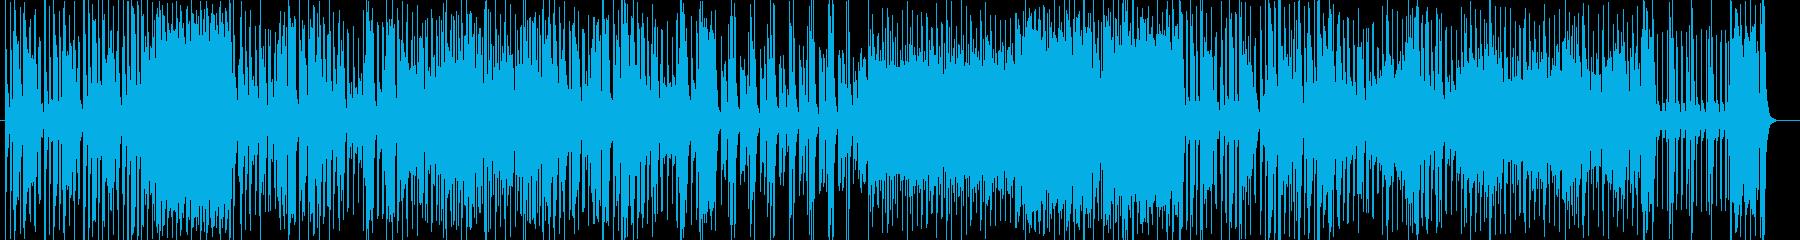 躍動感のあるトランペット中心のジャズの再生済みの波形